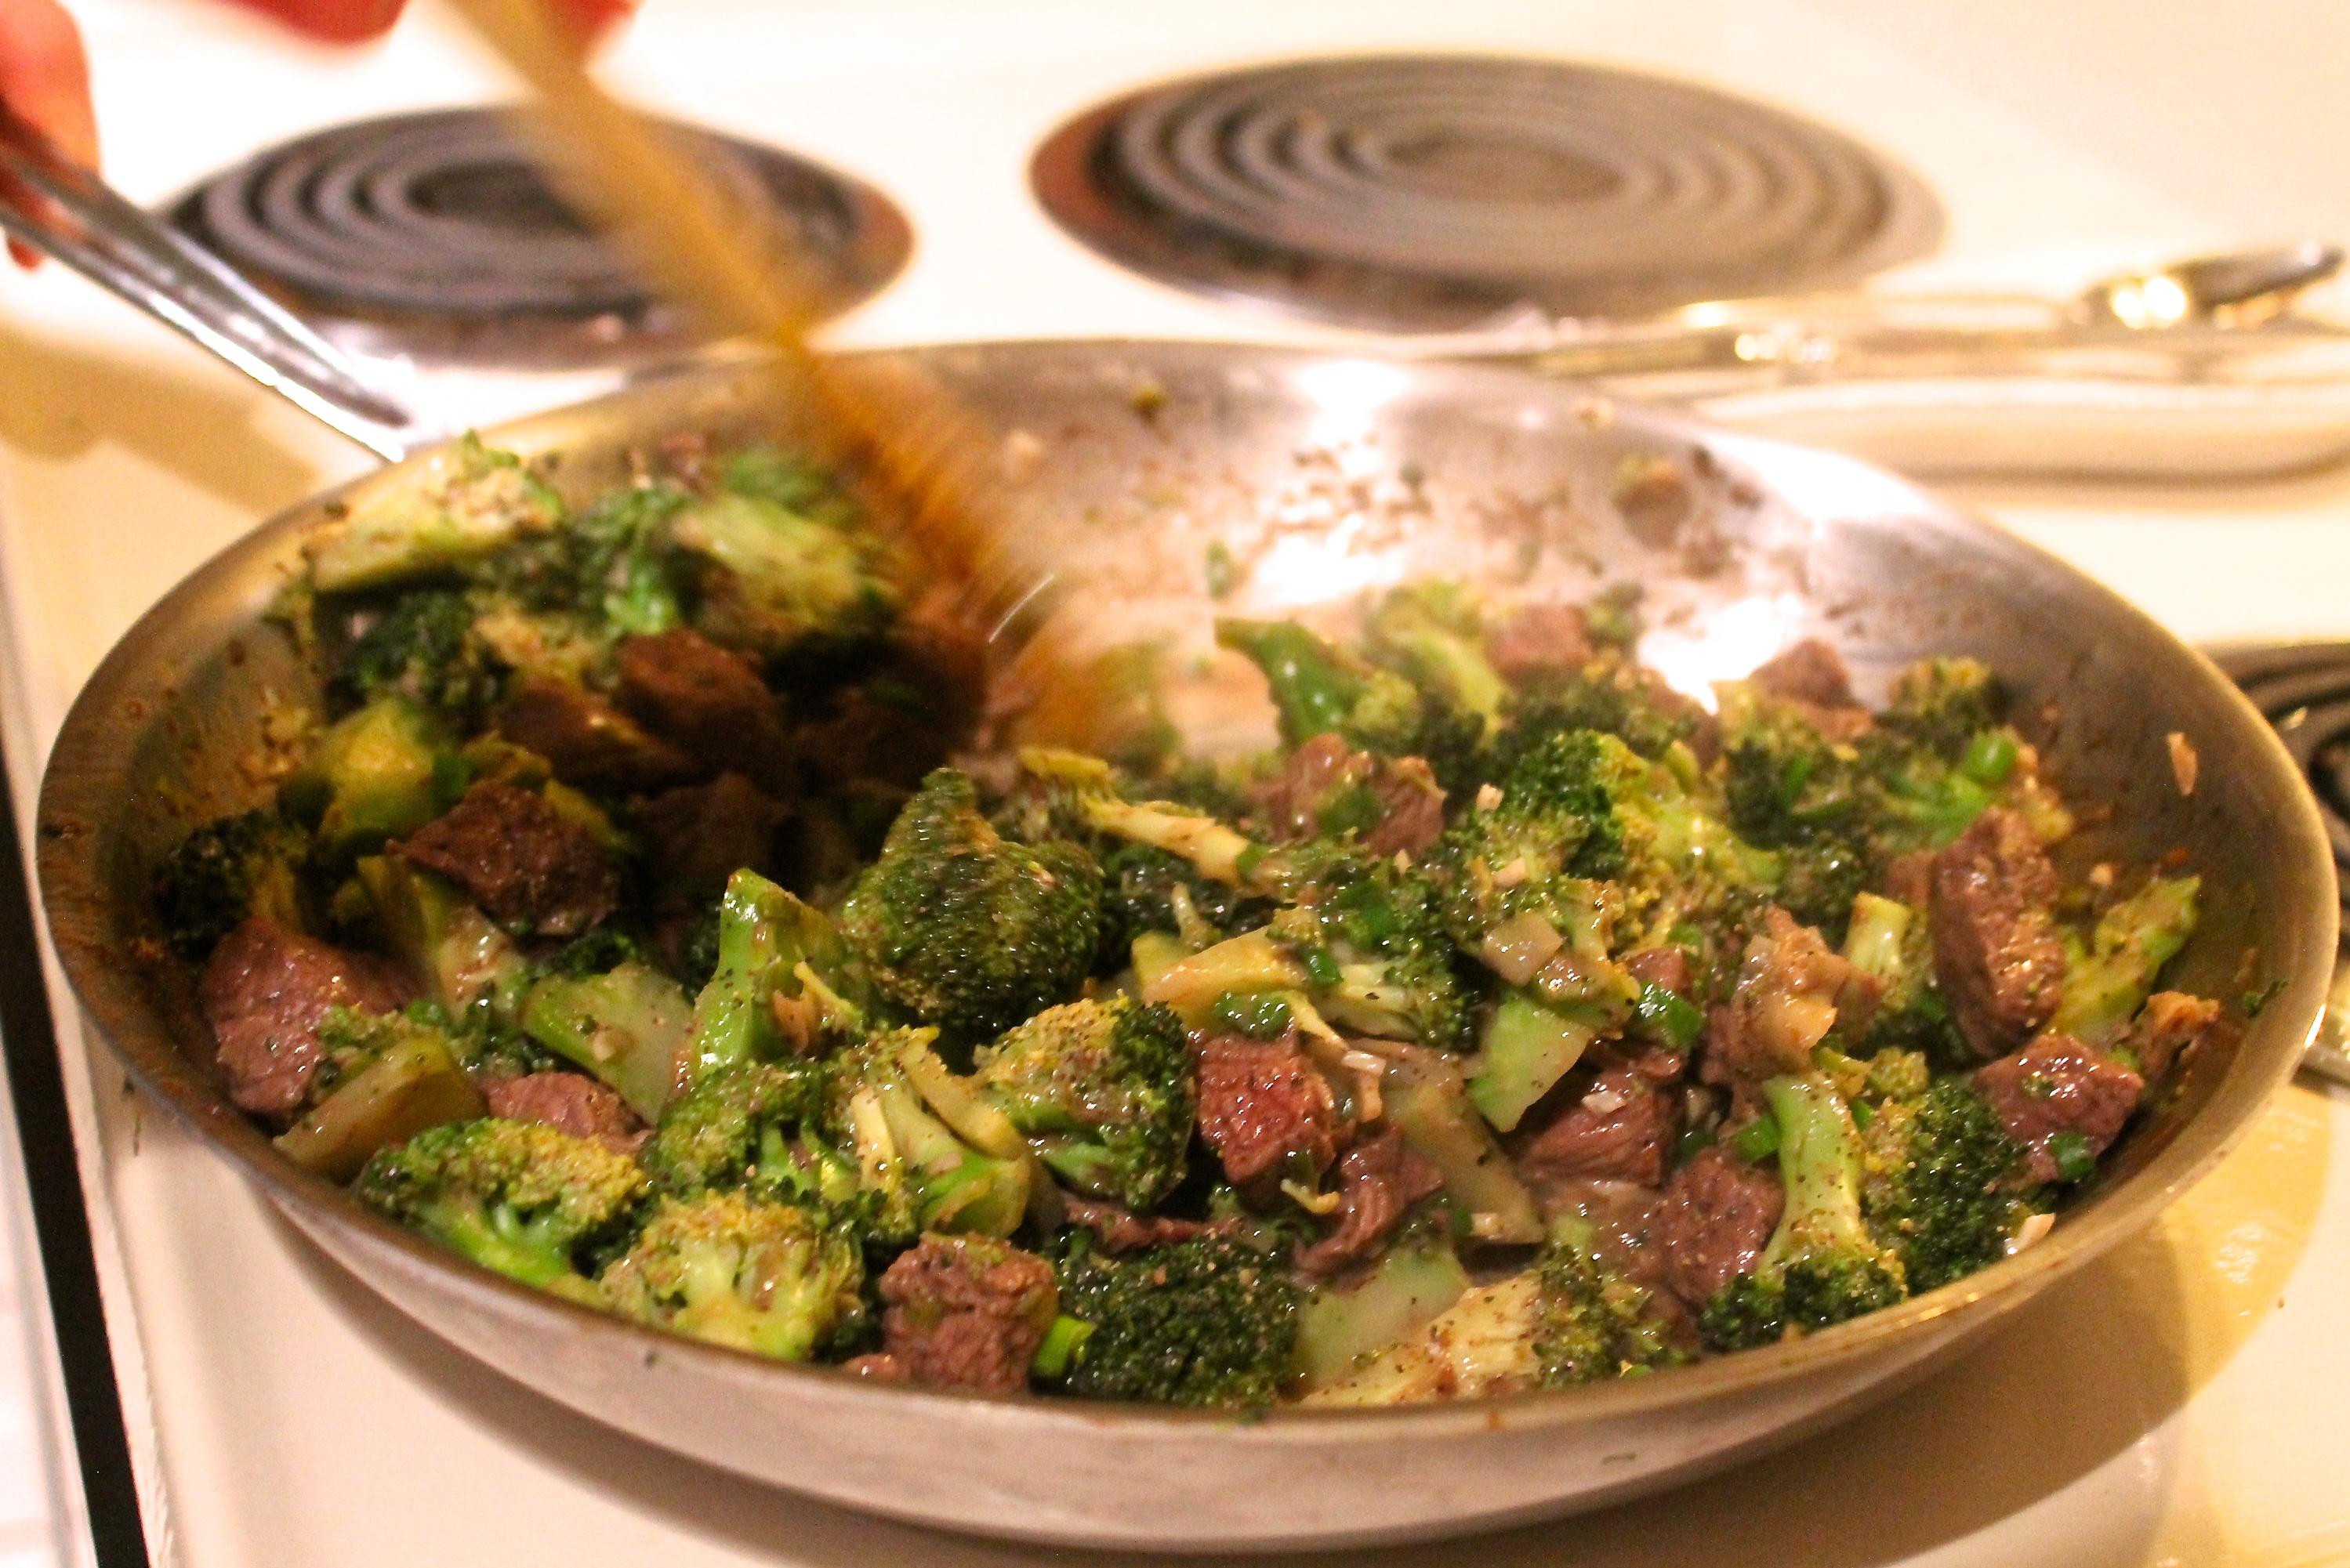 beef and broccoli pan